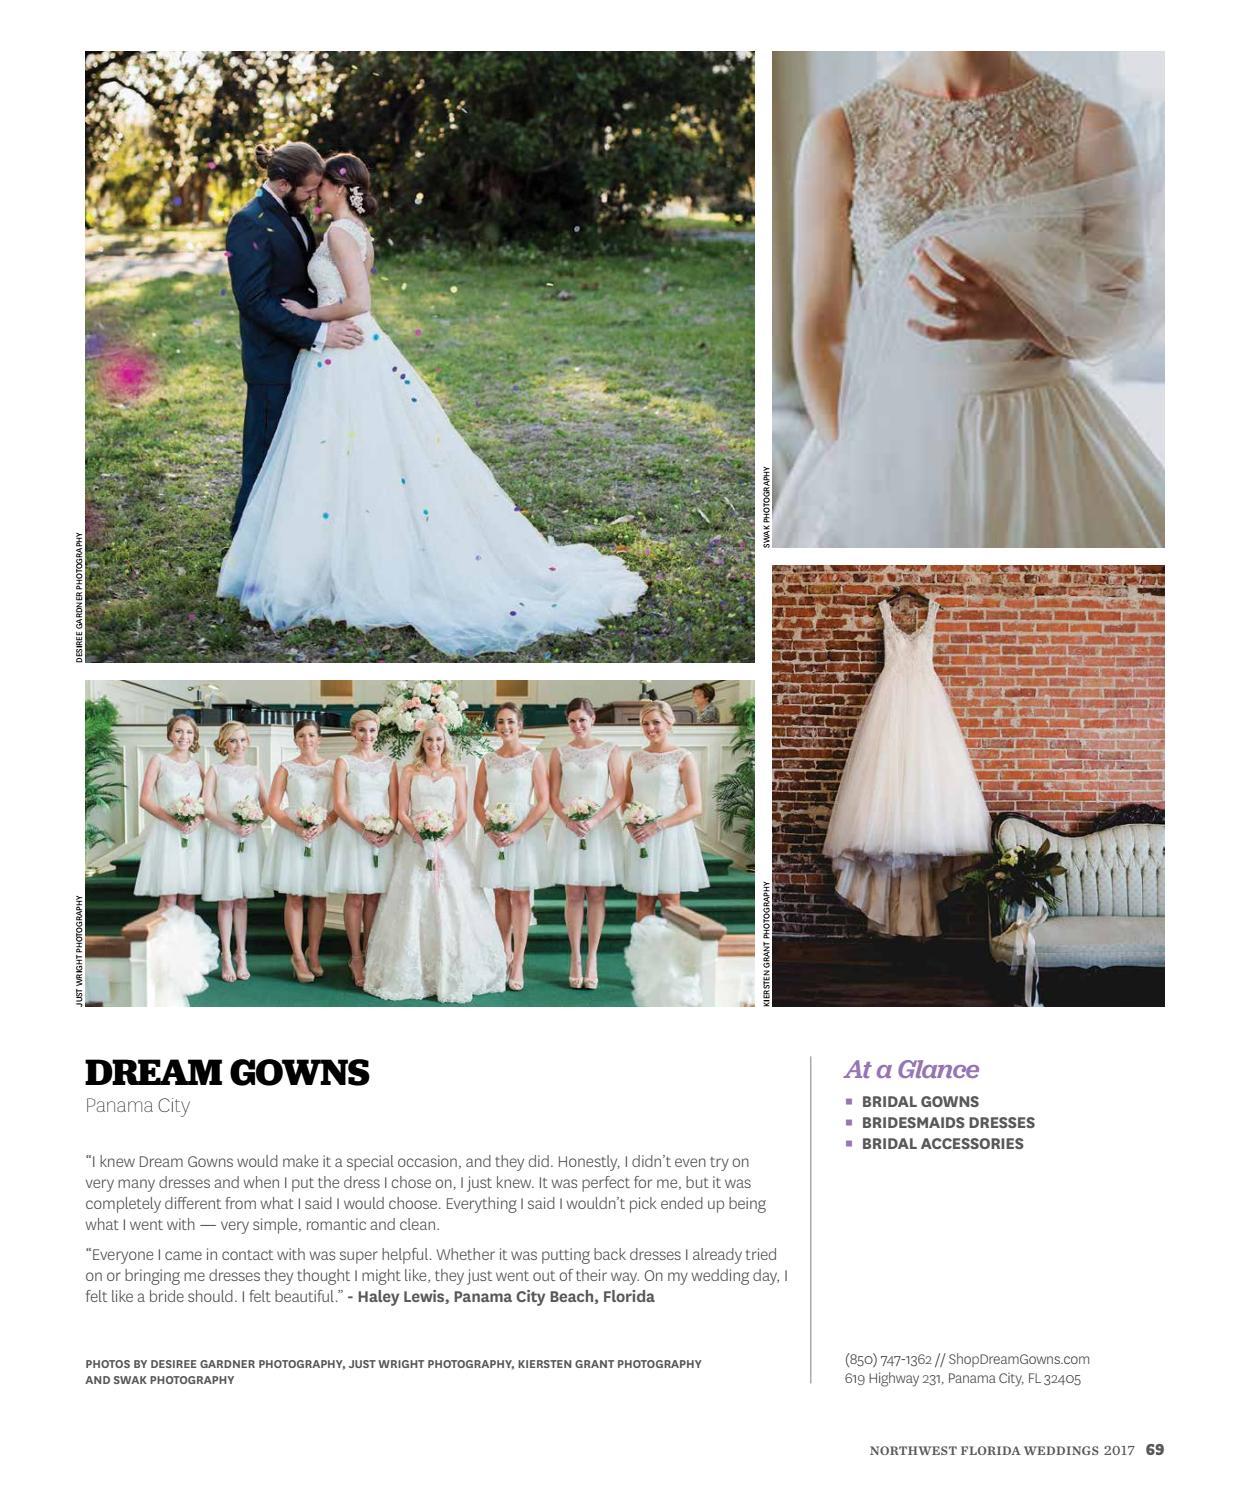 2017 Northwest Florida Weddings Magazine By Rowland Publishing Inc